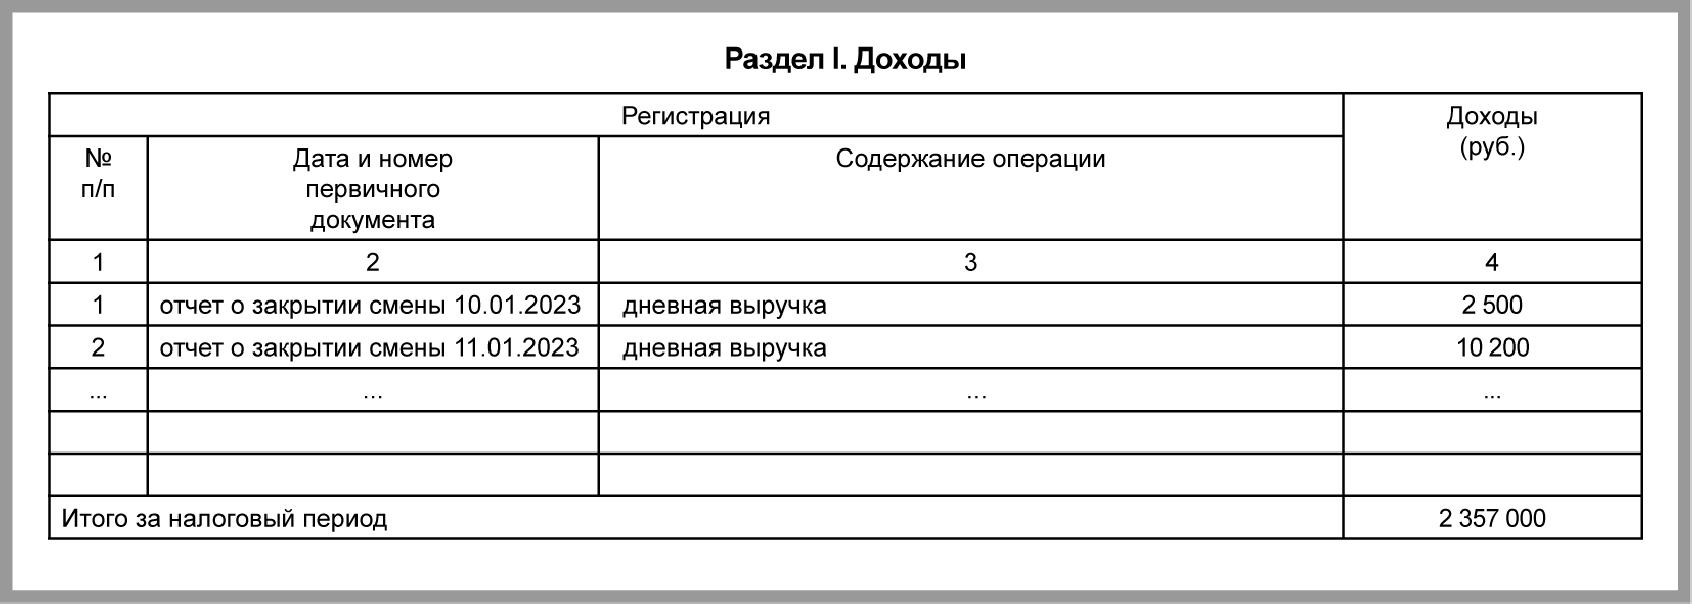 Перейти на патент для ип при регистрации заполнение декларации 3 ндфл на имущественный вычет с ипотекой